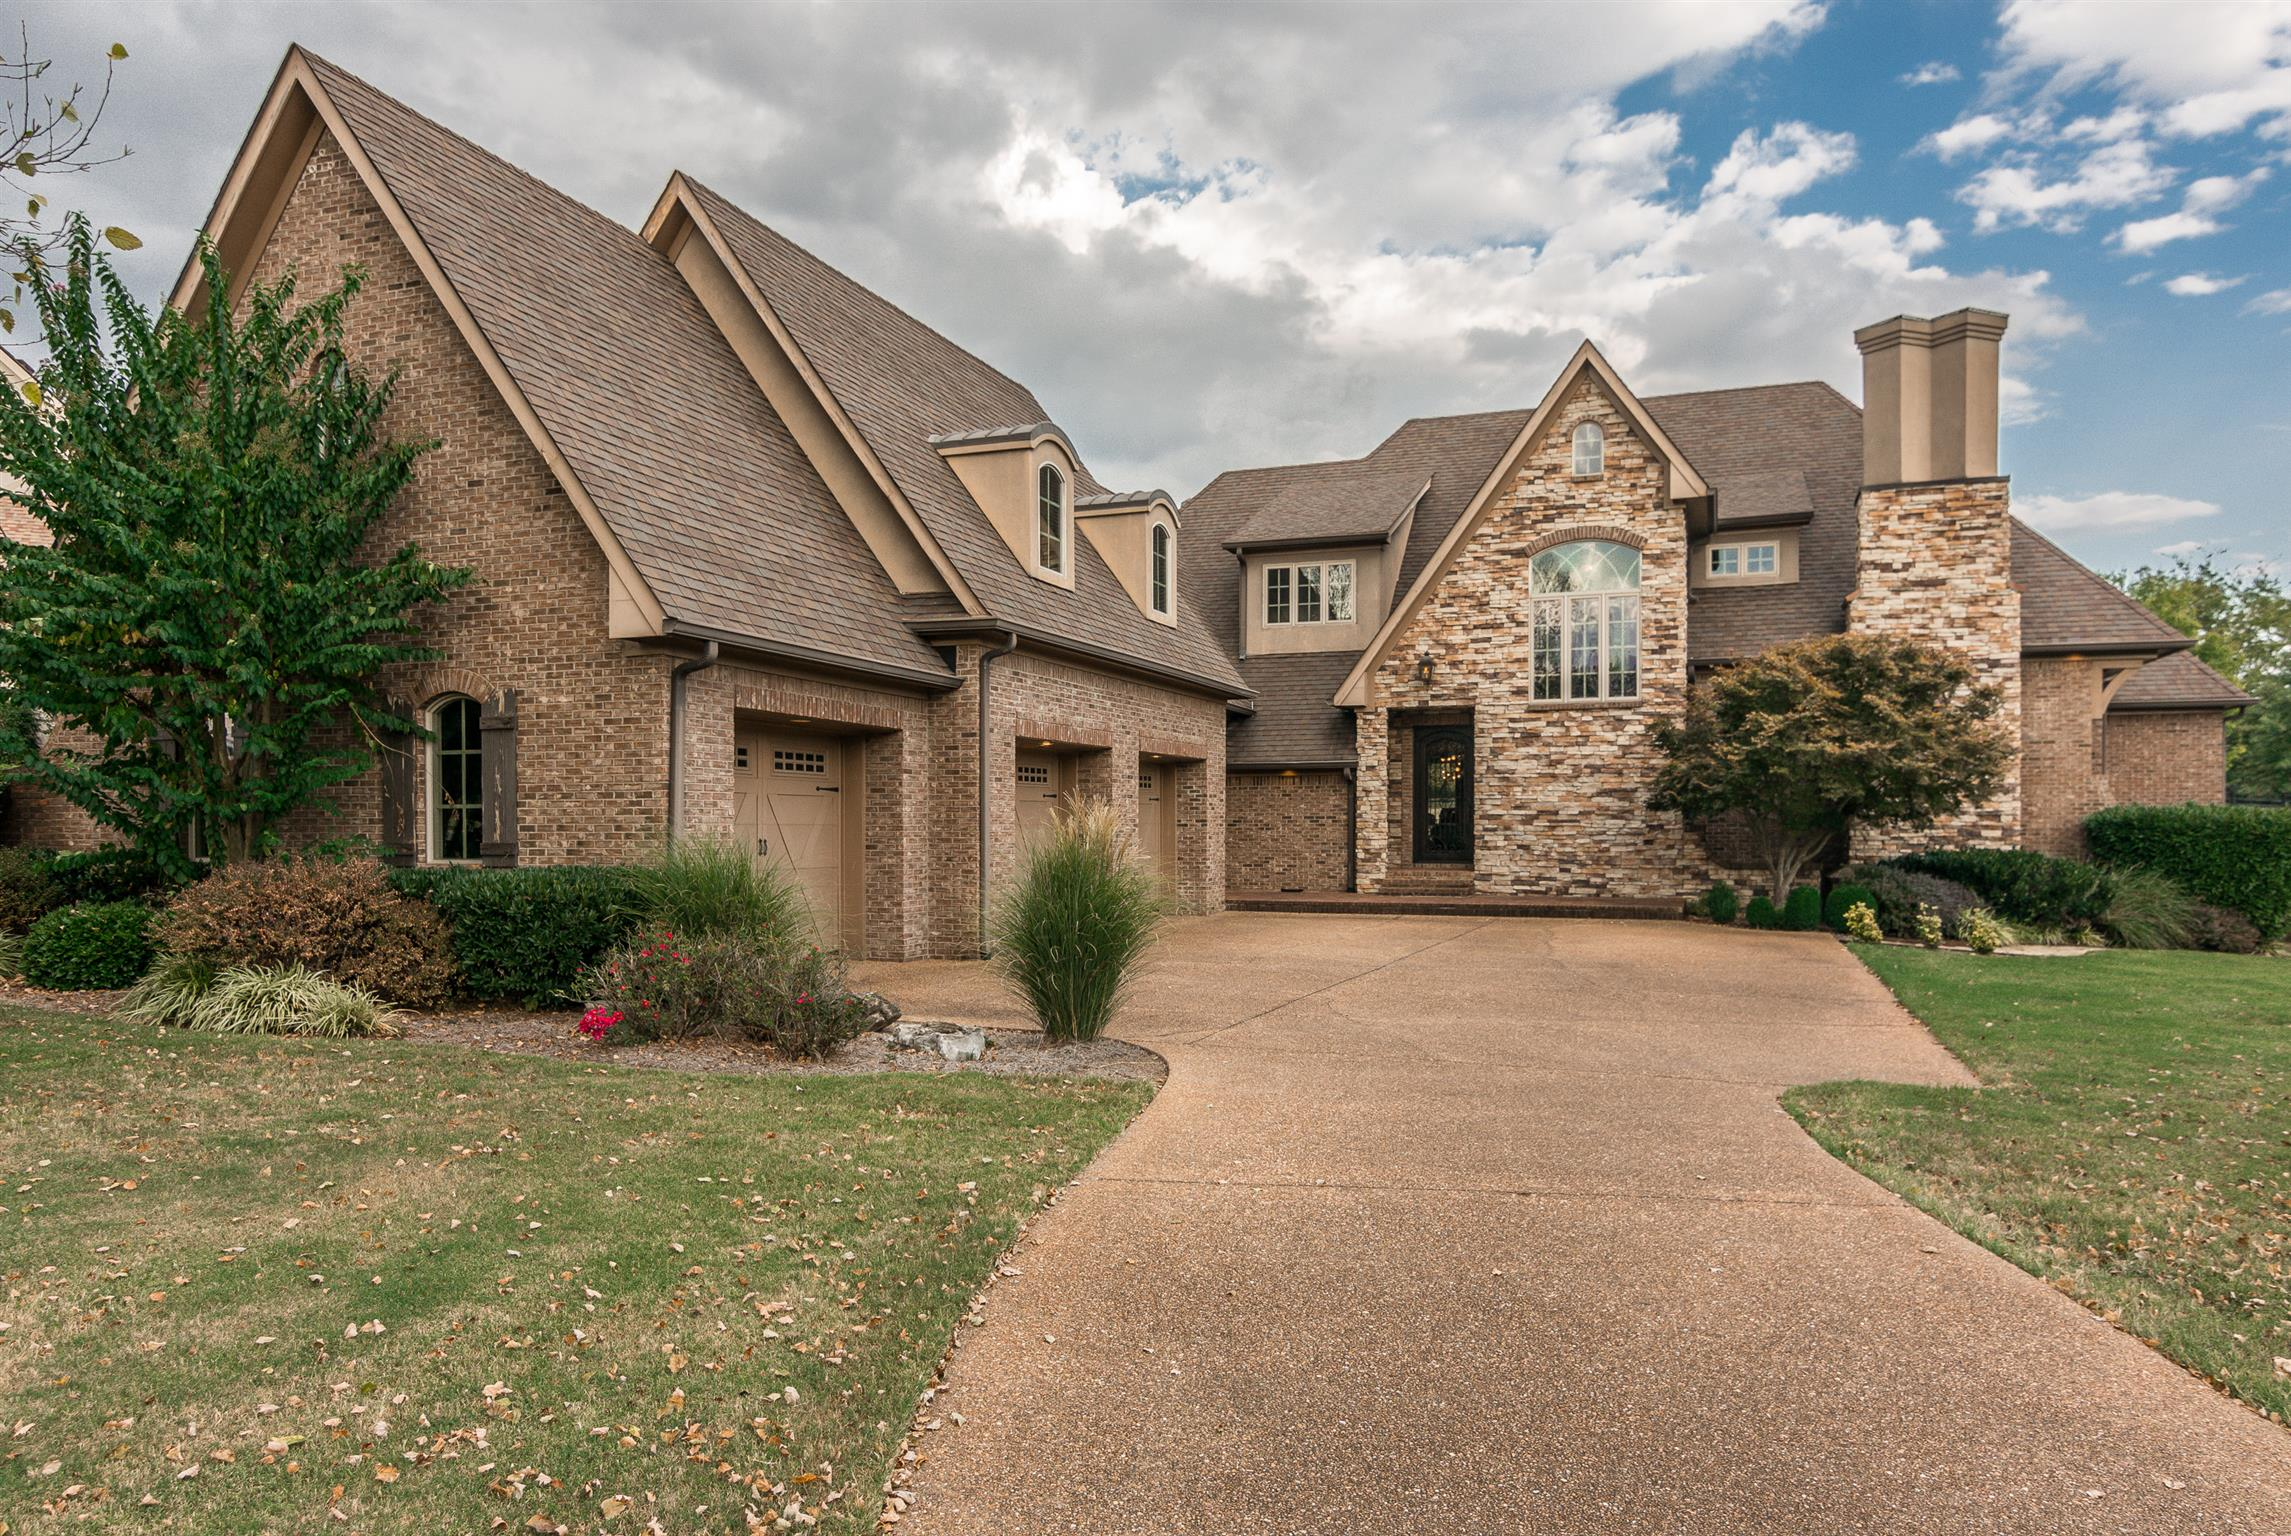 107 Affirmed Dr, Hendersonville, TN 37075 - Hendersonville, TN real estate listing